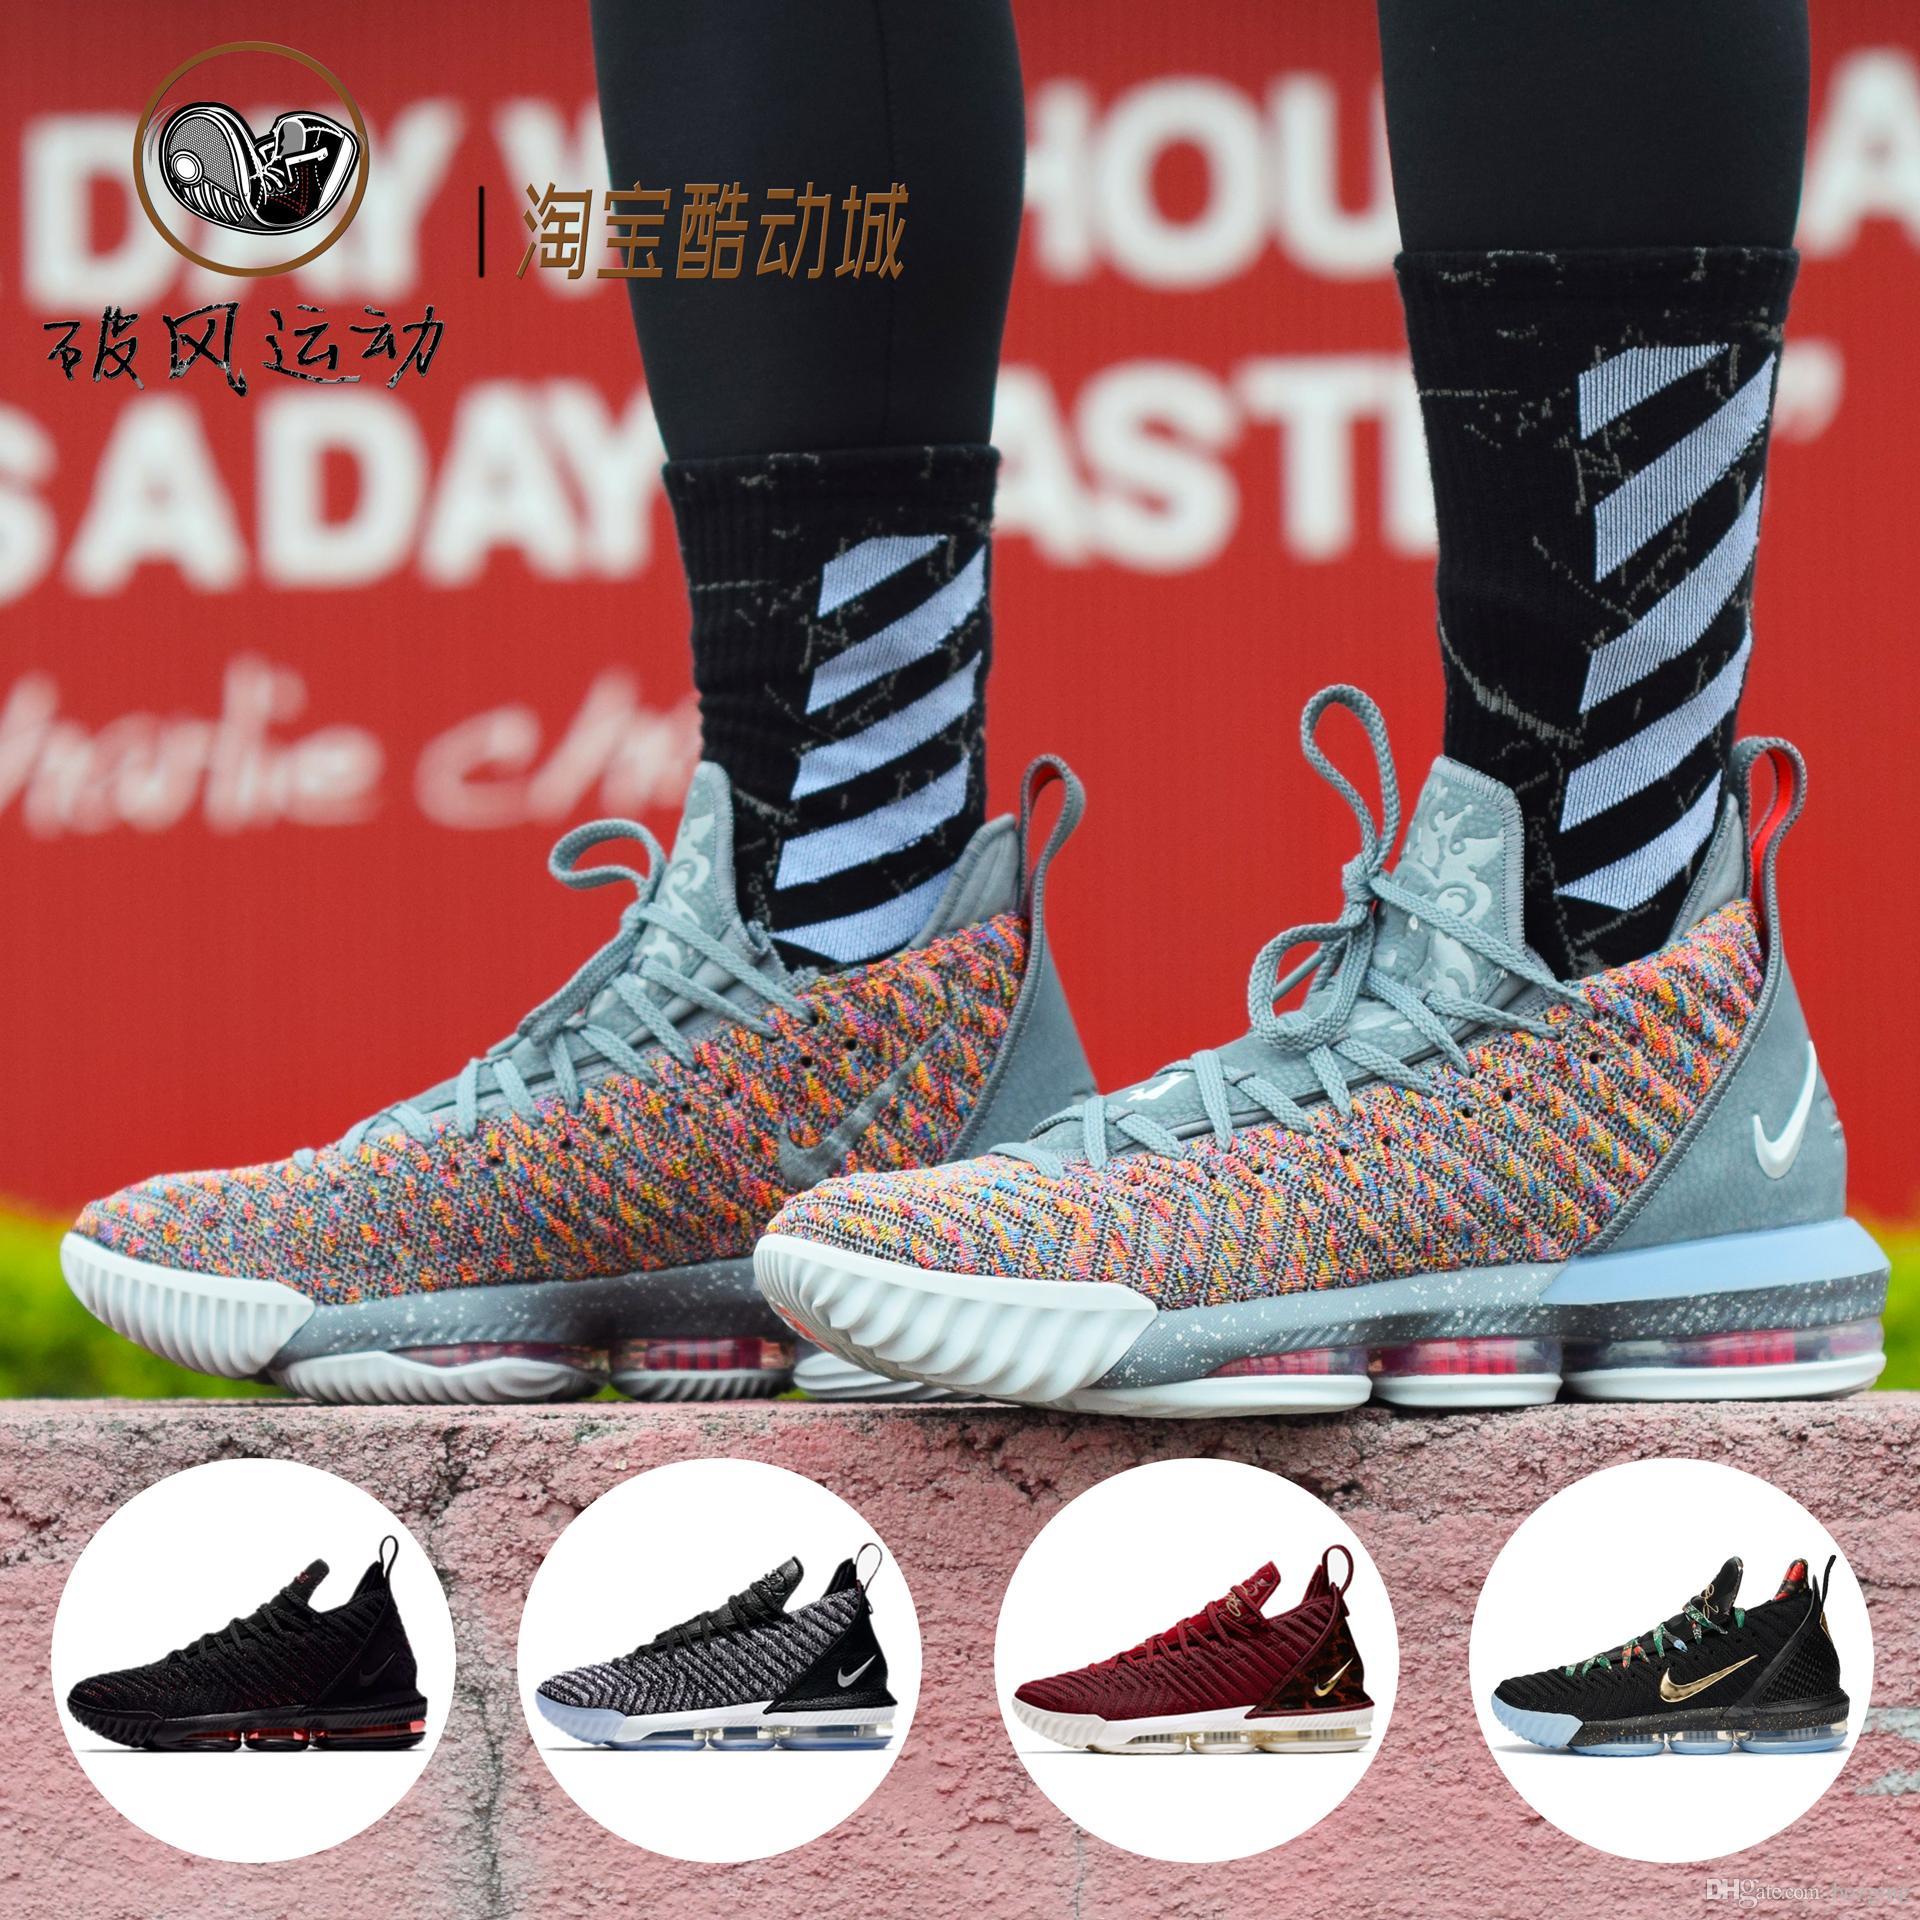 1477071d00be Satın Al 2019 Ucuz Yeni Lebron 16 LBJ16 En Kaliteli Basketbol Ayakkabı  Lebron Ayakkabı Sneaker 16 S Erkek Spor Ayakkabı ABD Boyutu 7 12